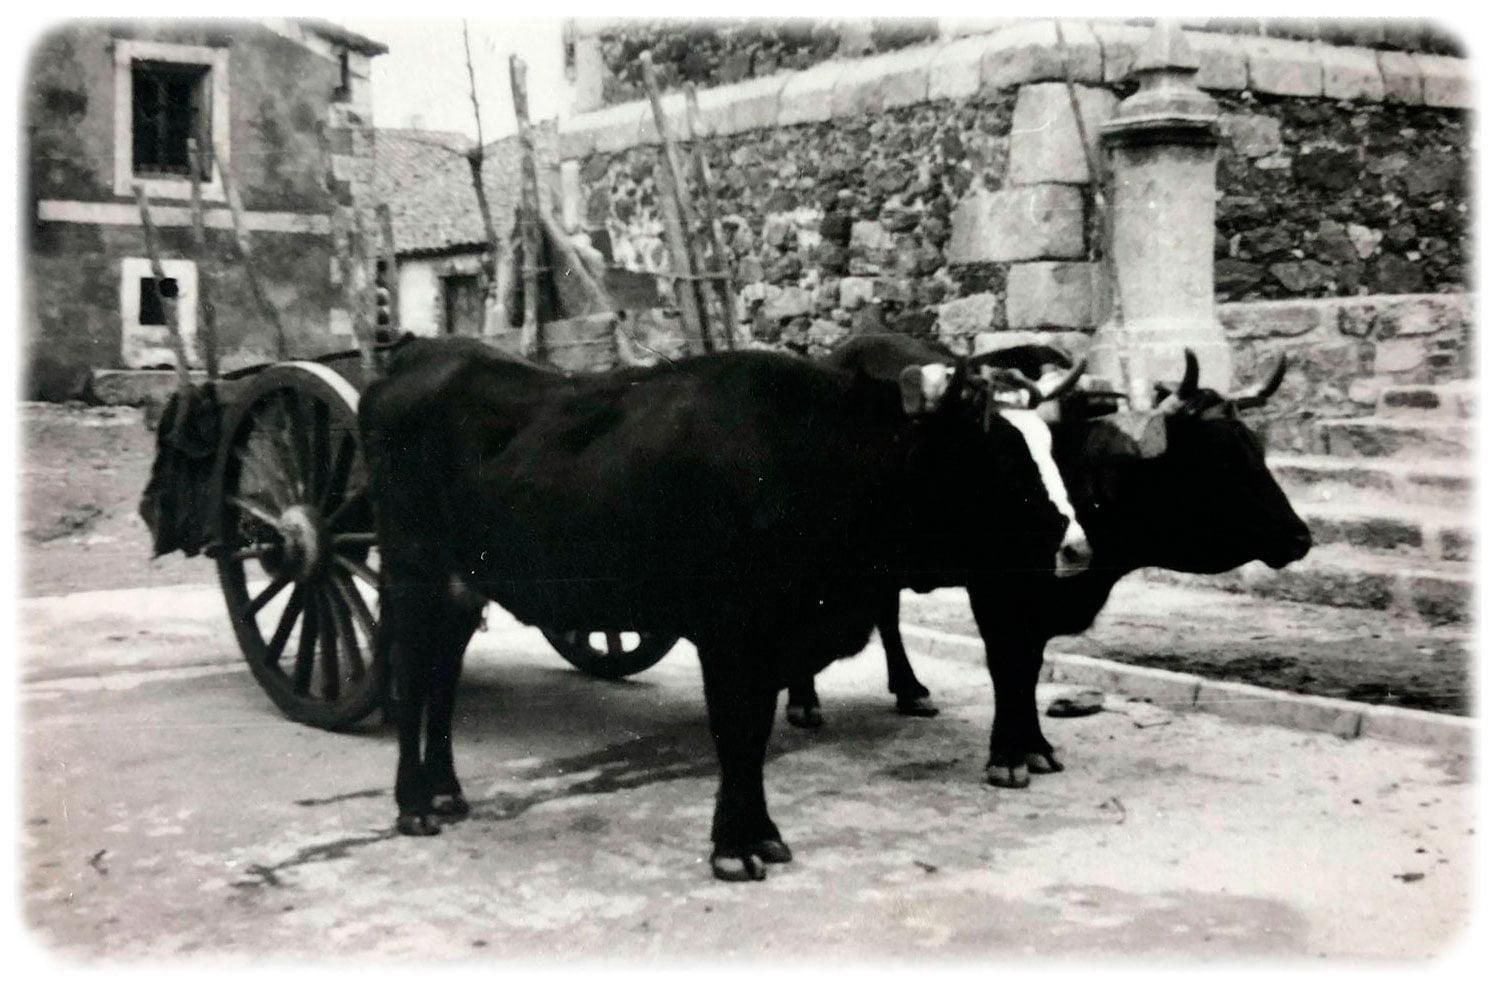 imagen antigua que representa la historia de agroturismo el capriolo